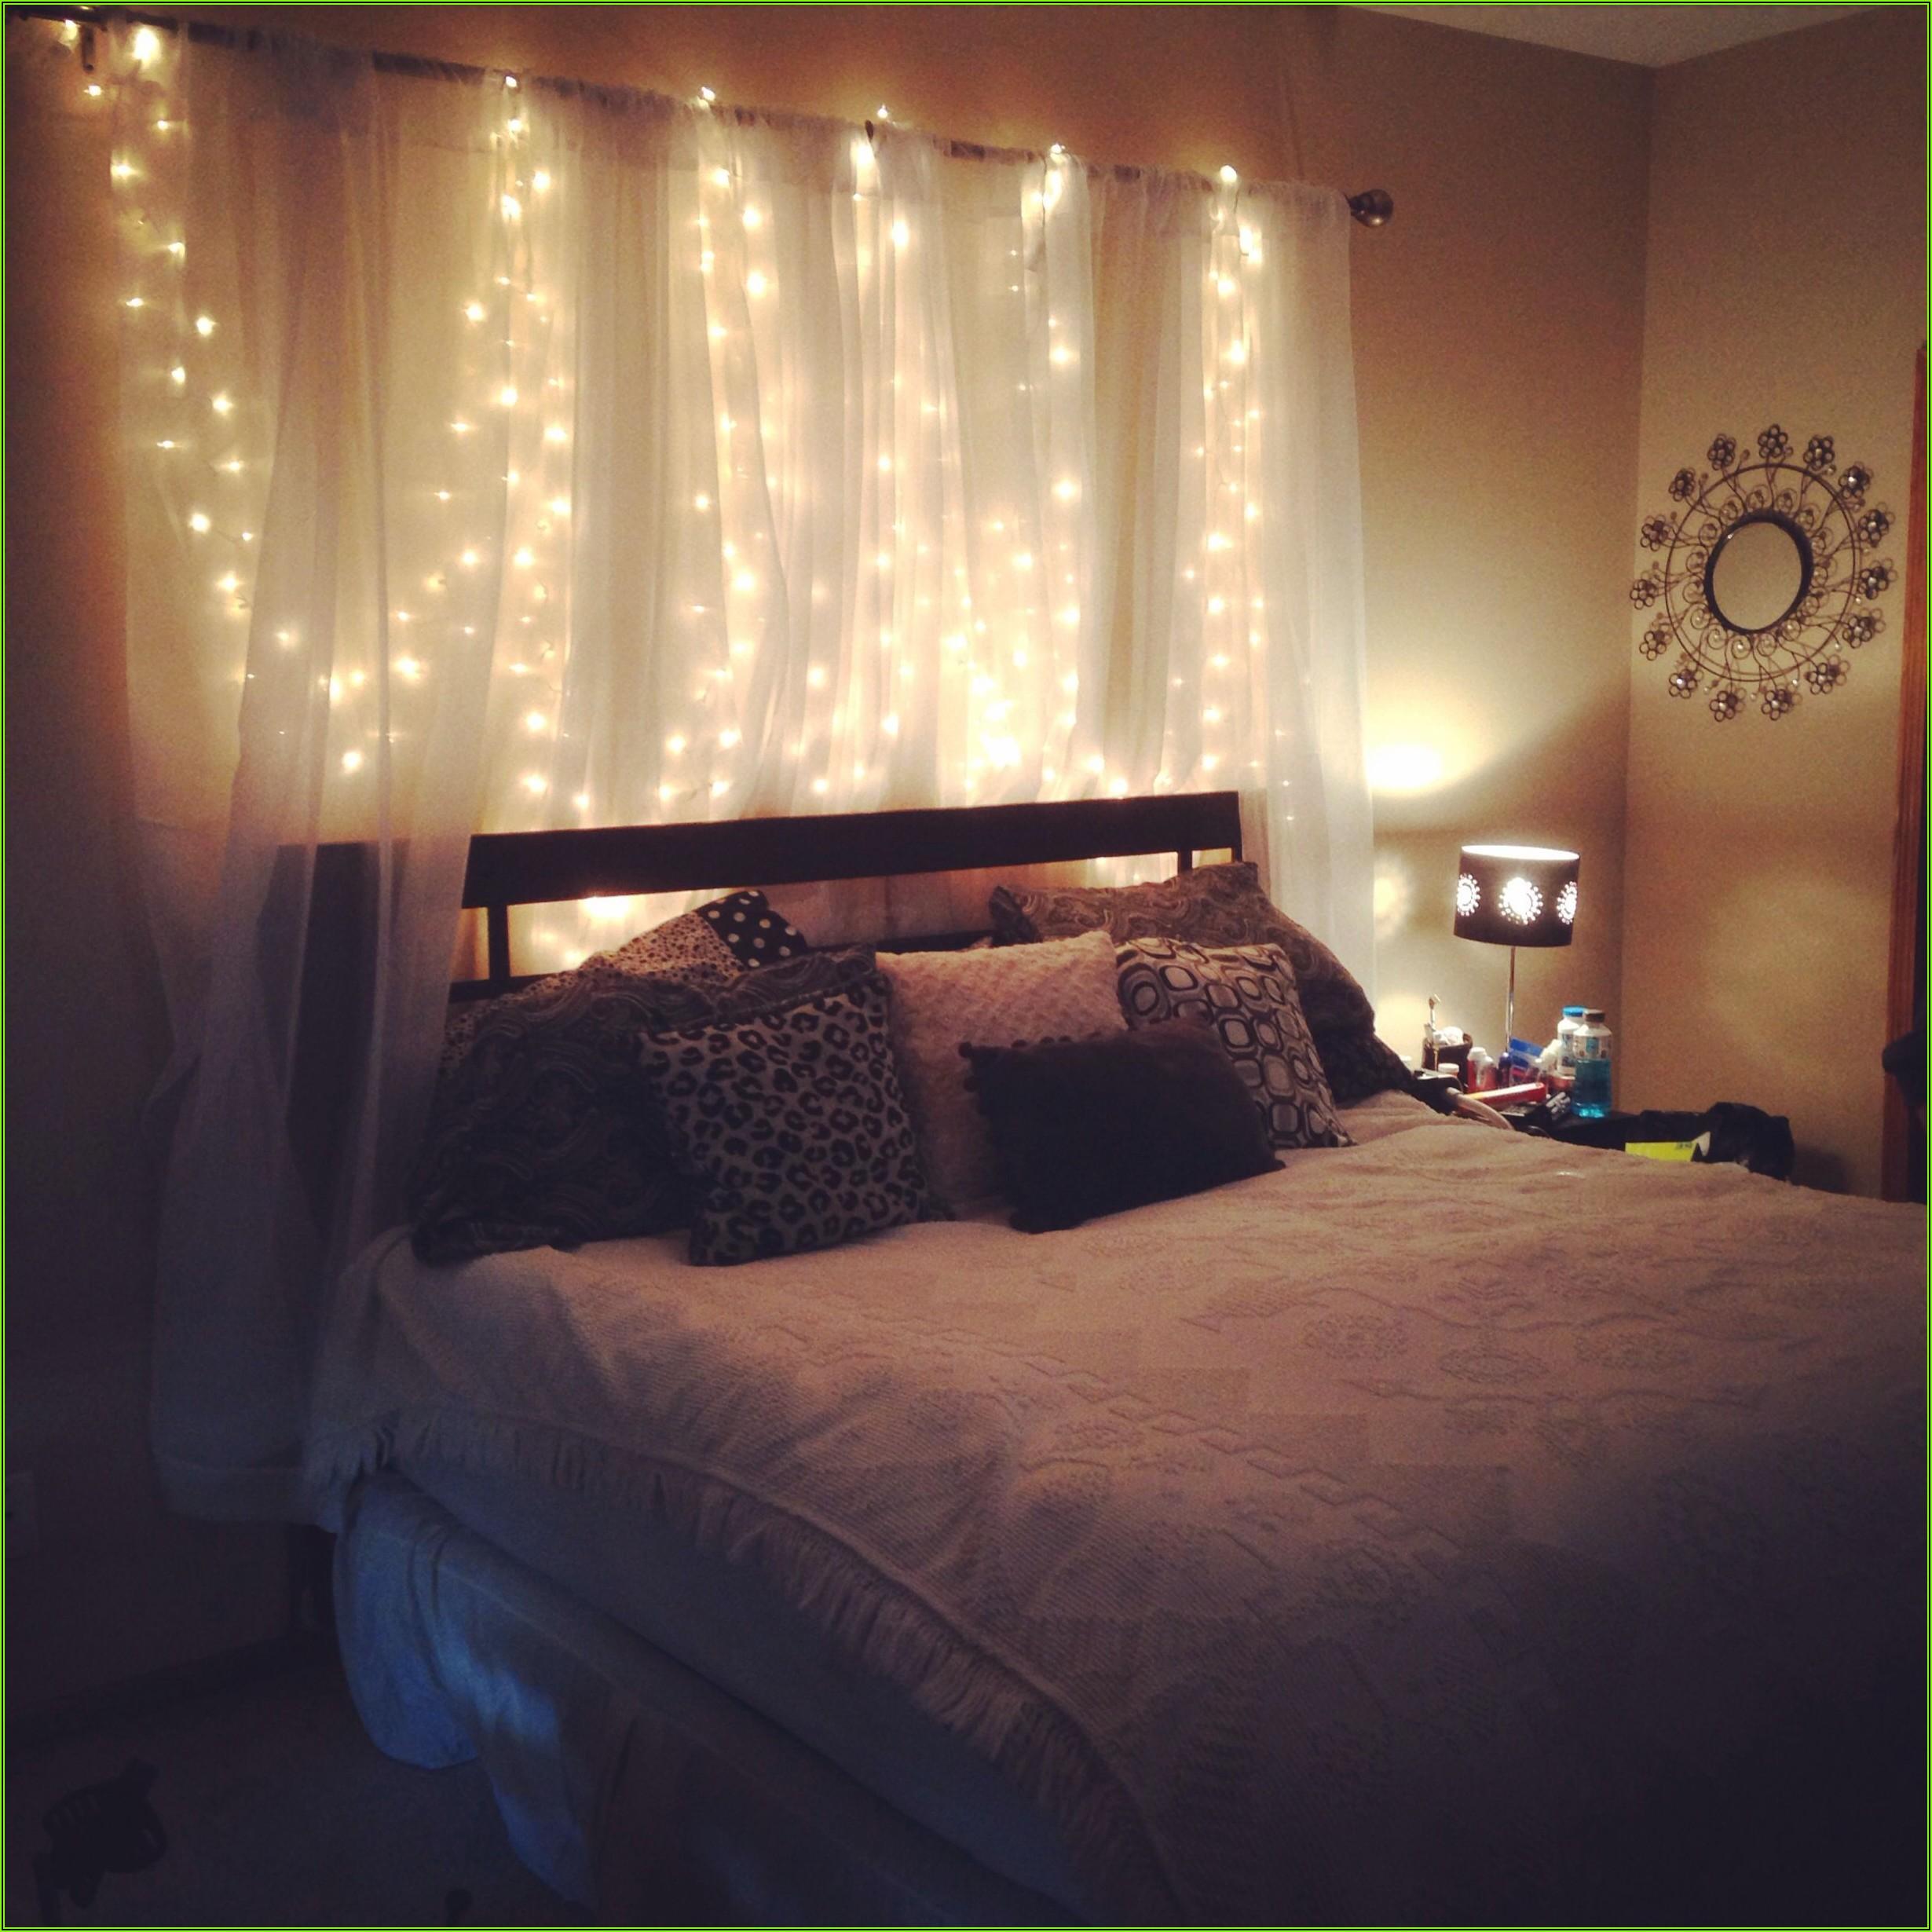 Romantische Dekoration Schlafzimmer